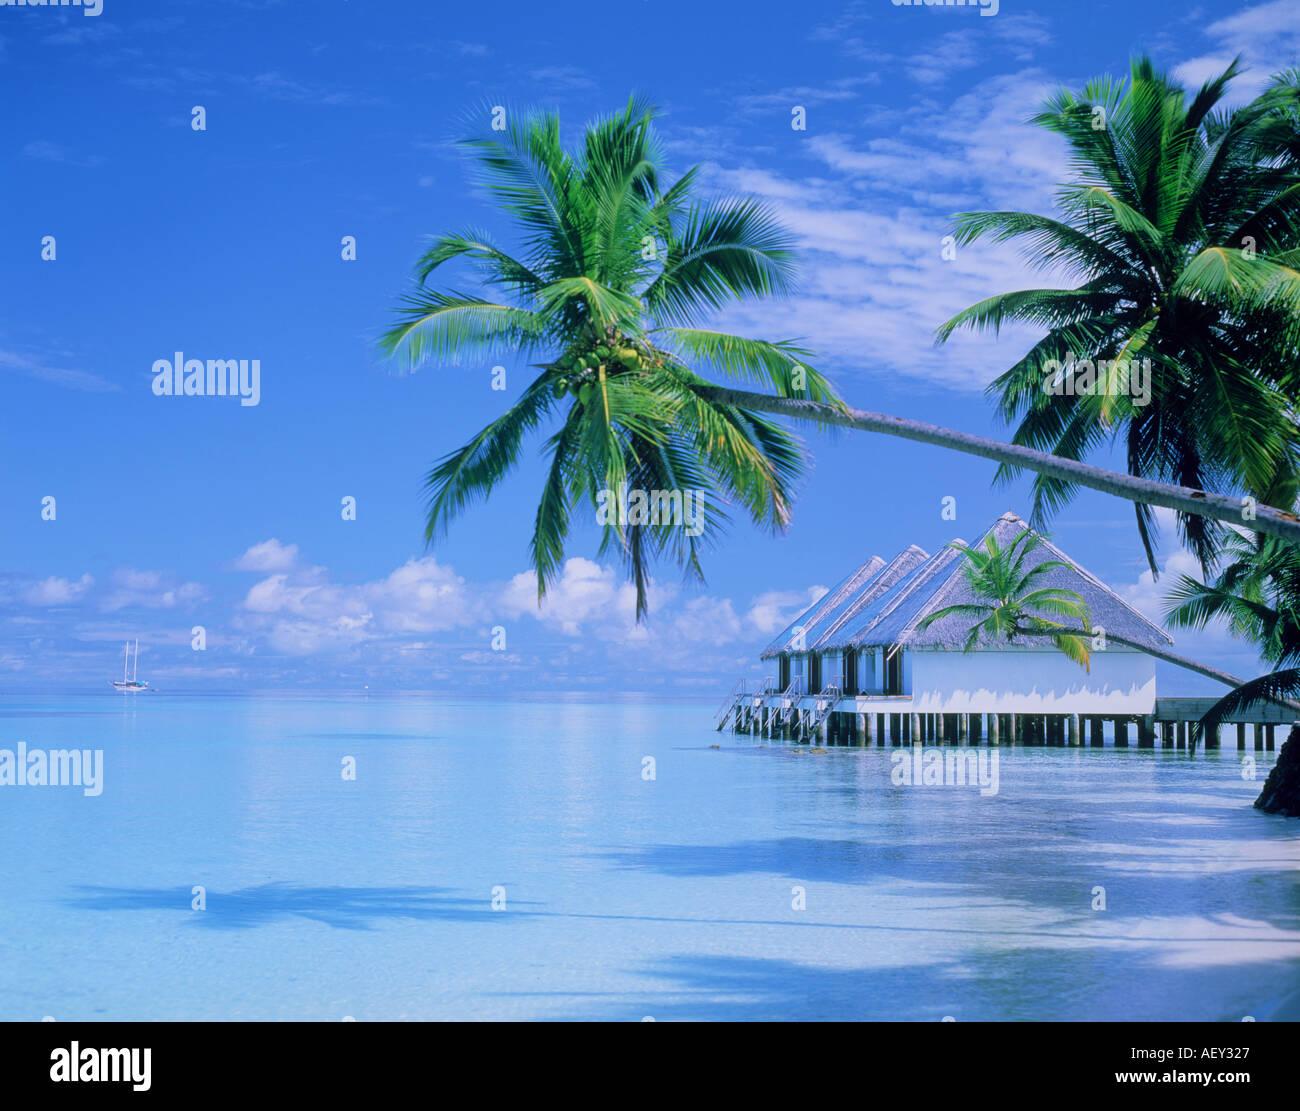 Boduhiti Coral Island North Male Atoll Maldives Stock